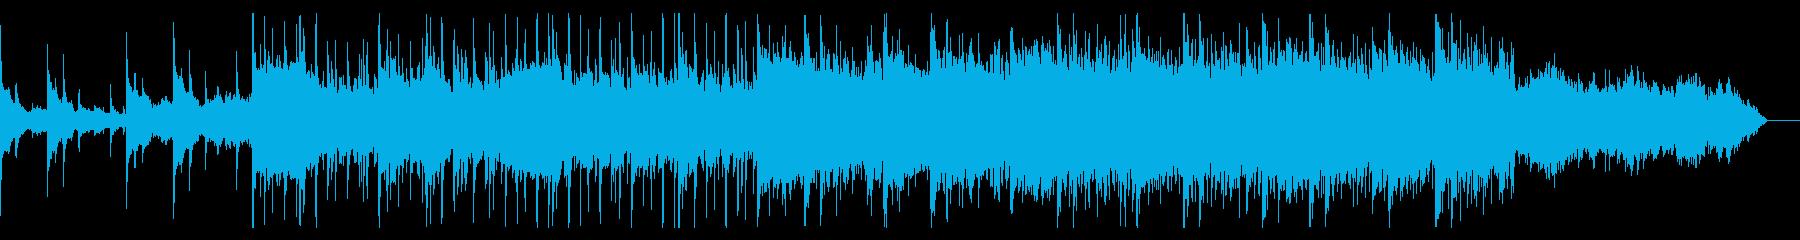 危険が迫るシネマティックBGMの再生済みの波形